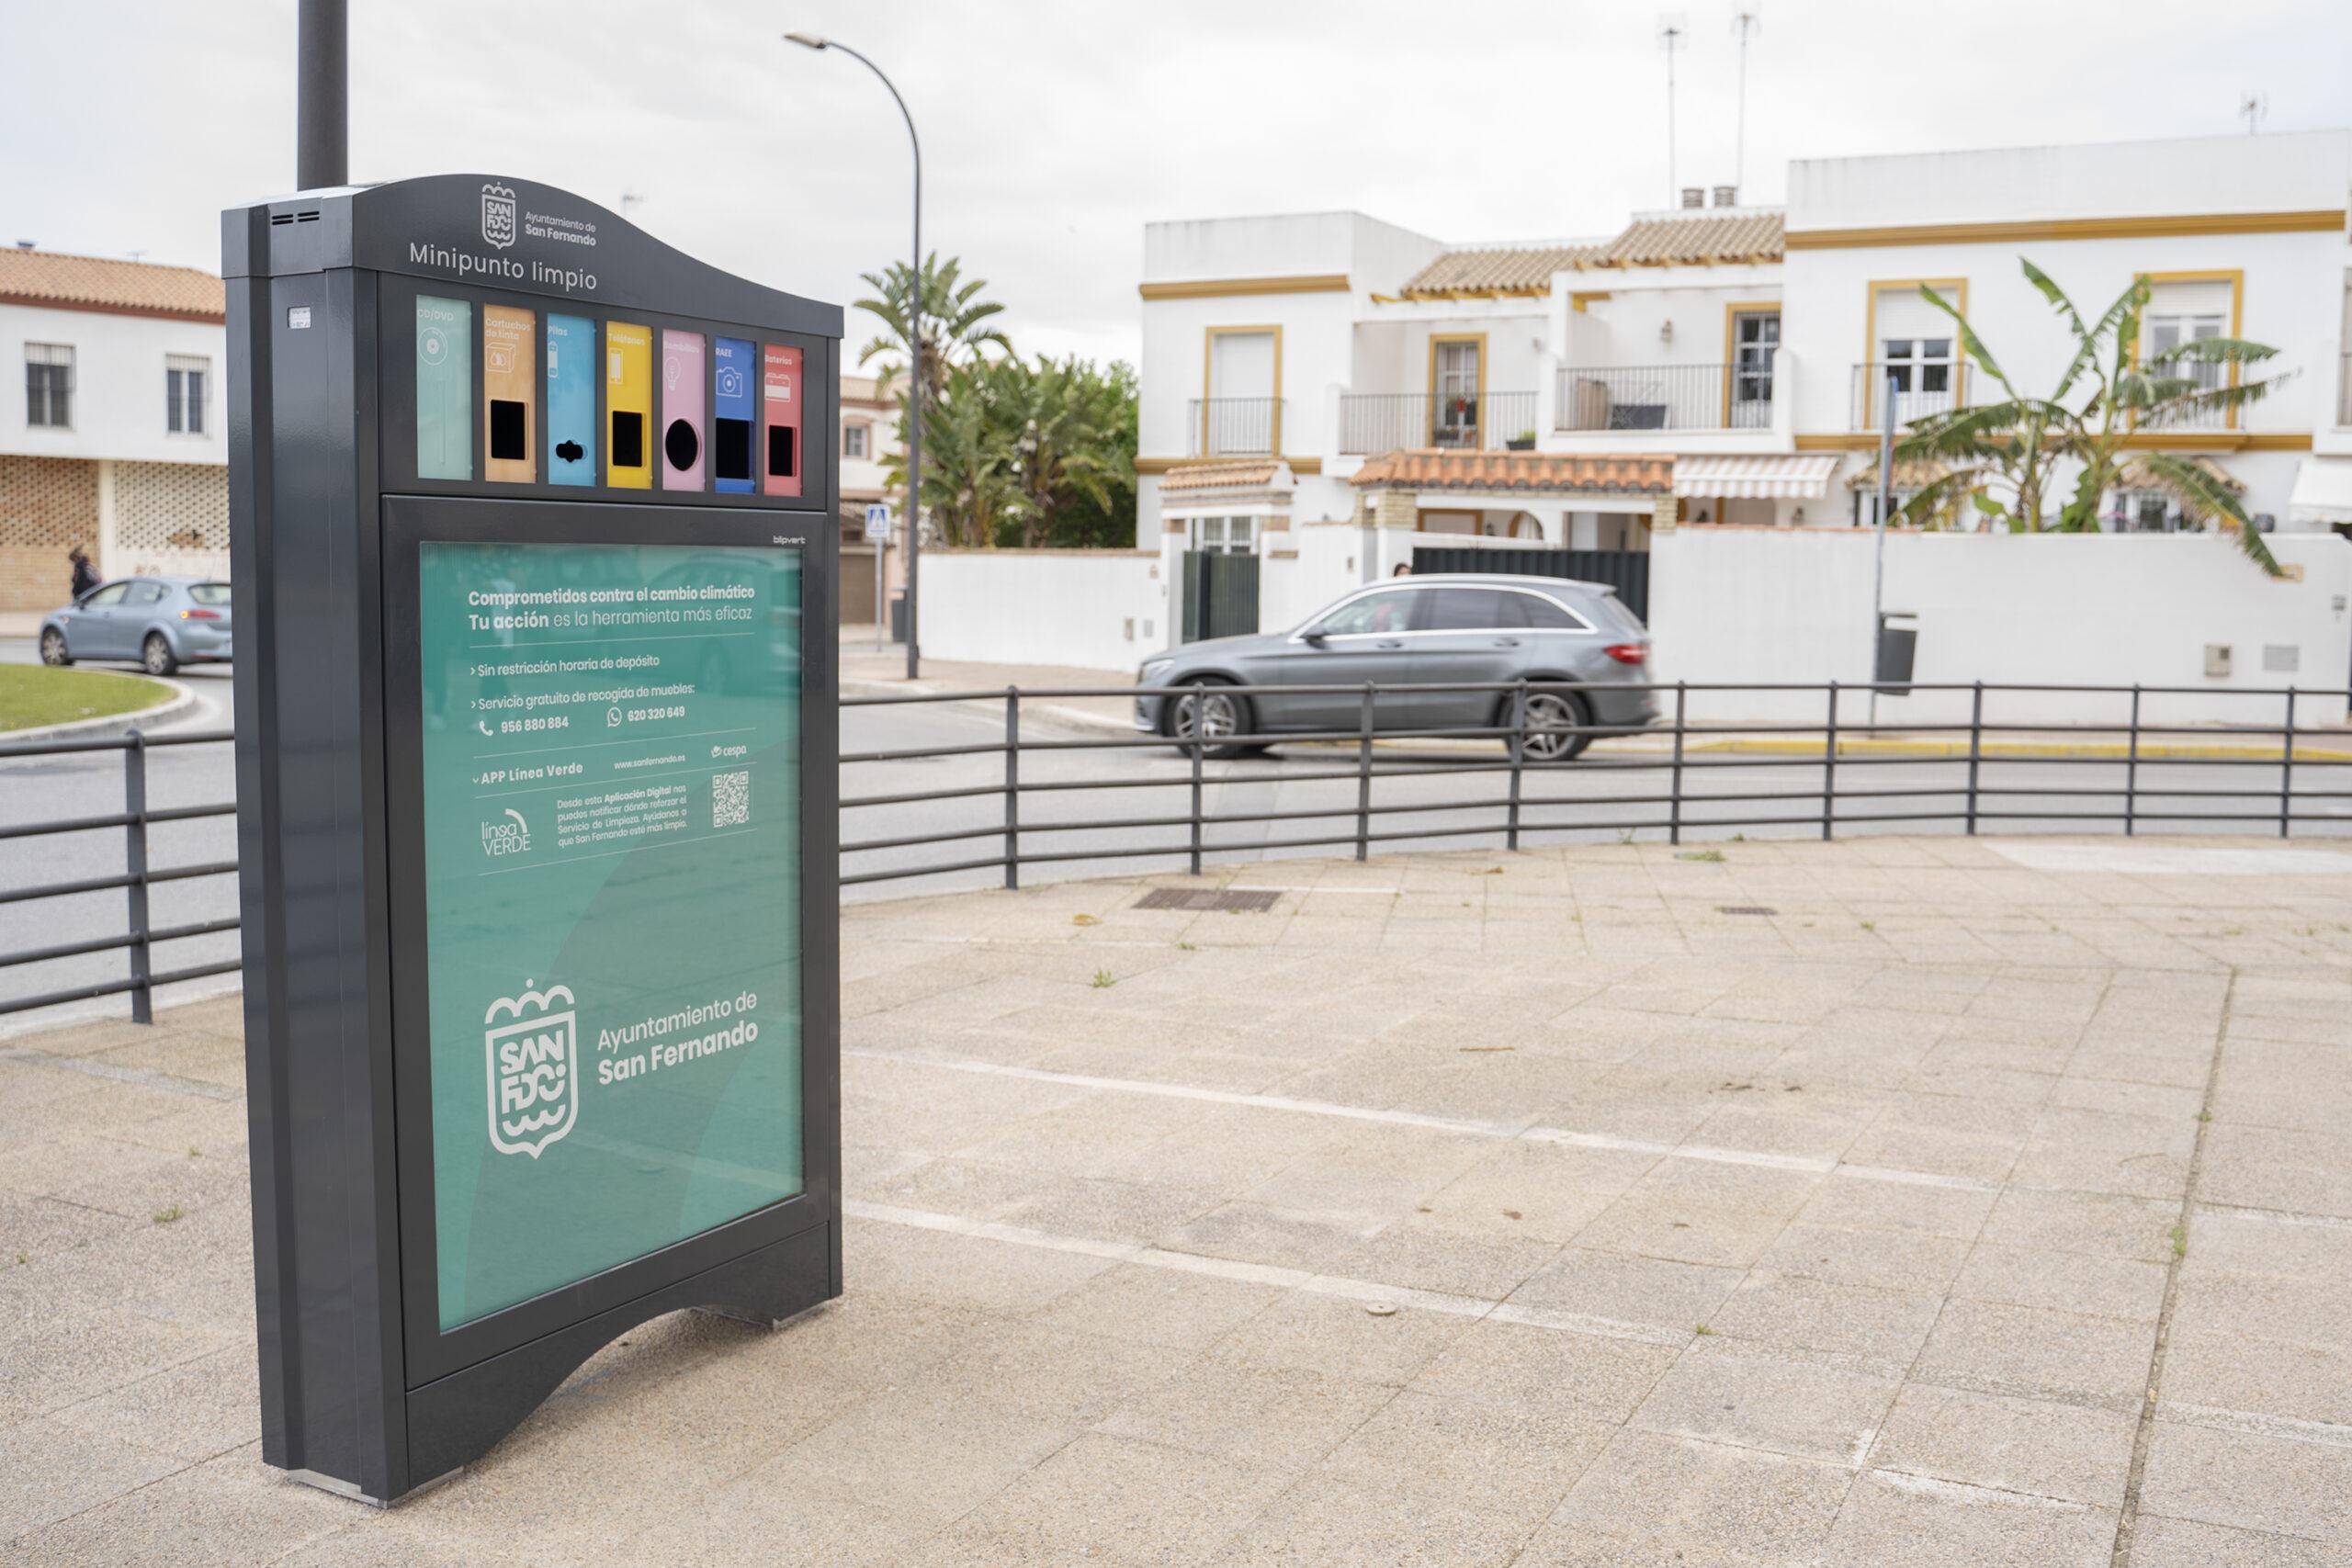 Instalados 5 minipuntos limpios en la ciudad para el reciclaje